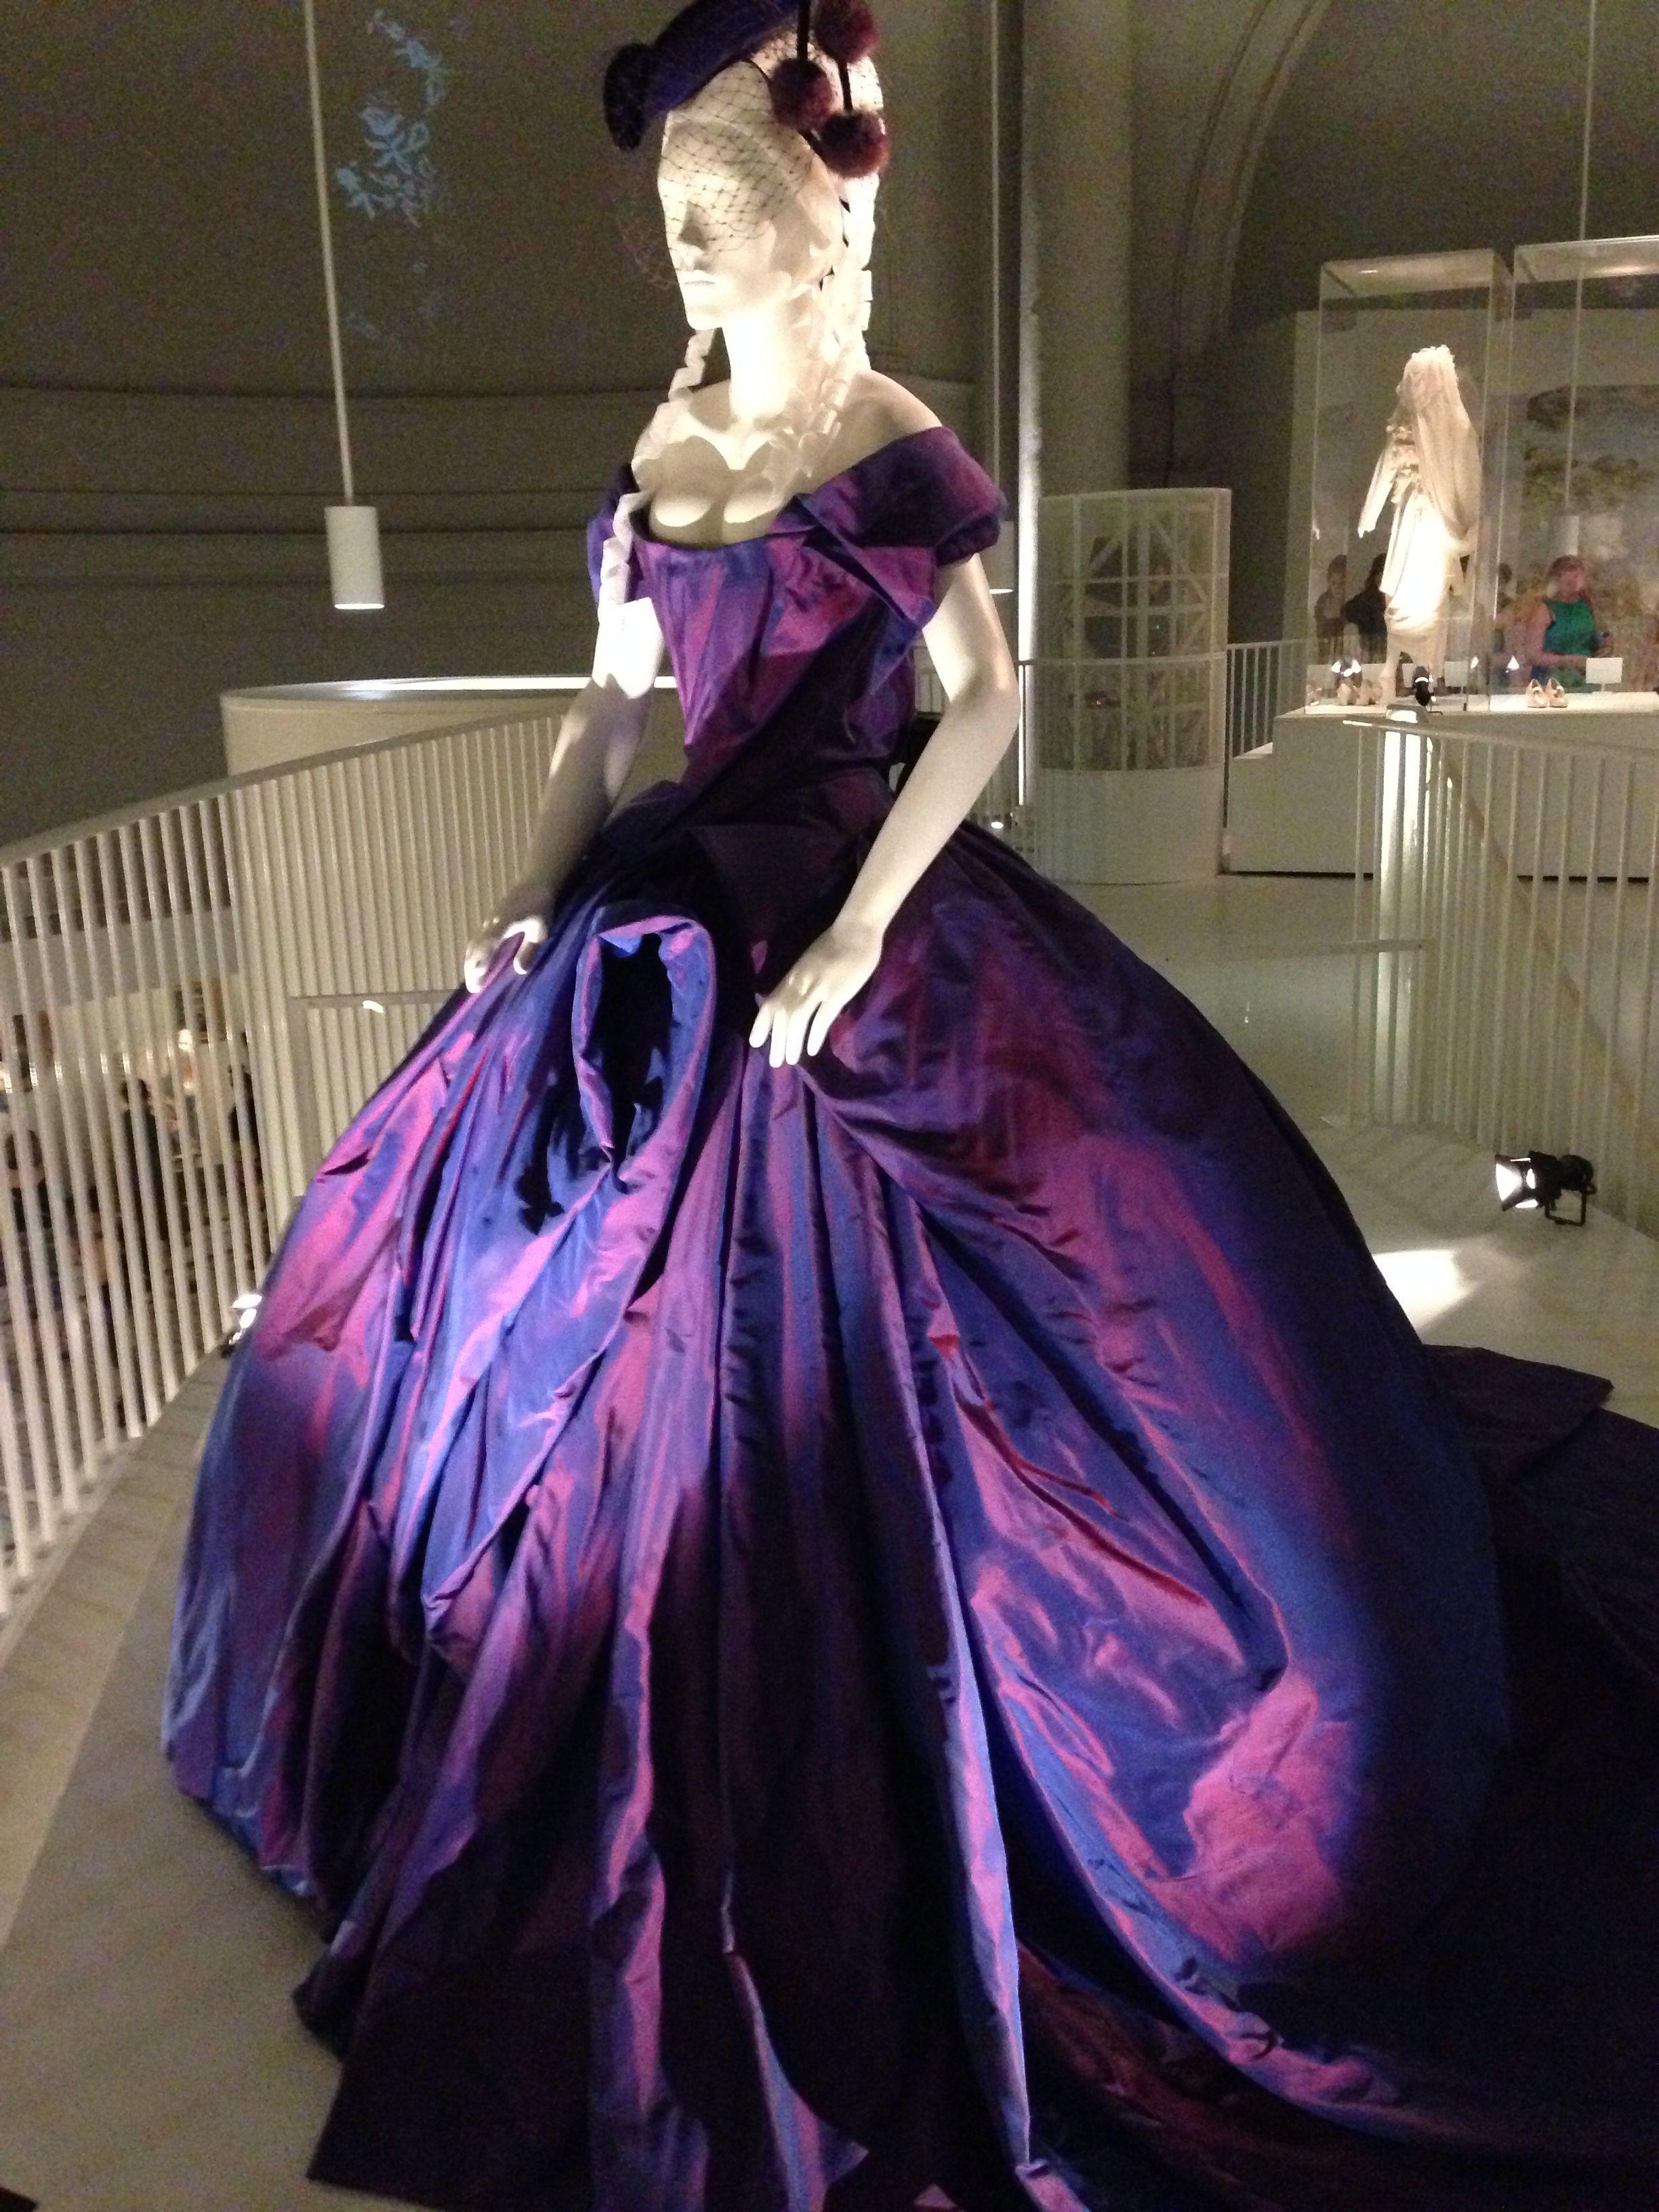 Dita Von Teese Wedding Dress V A Gelinlik Elbise Modelleri Kadin Modasi